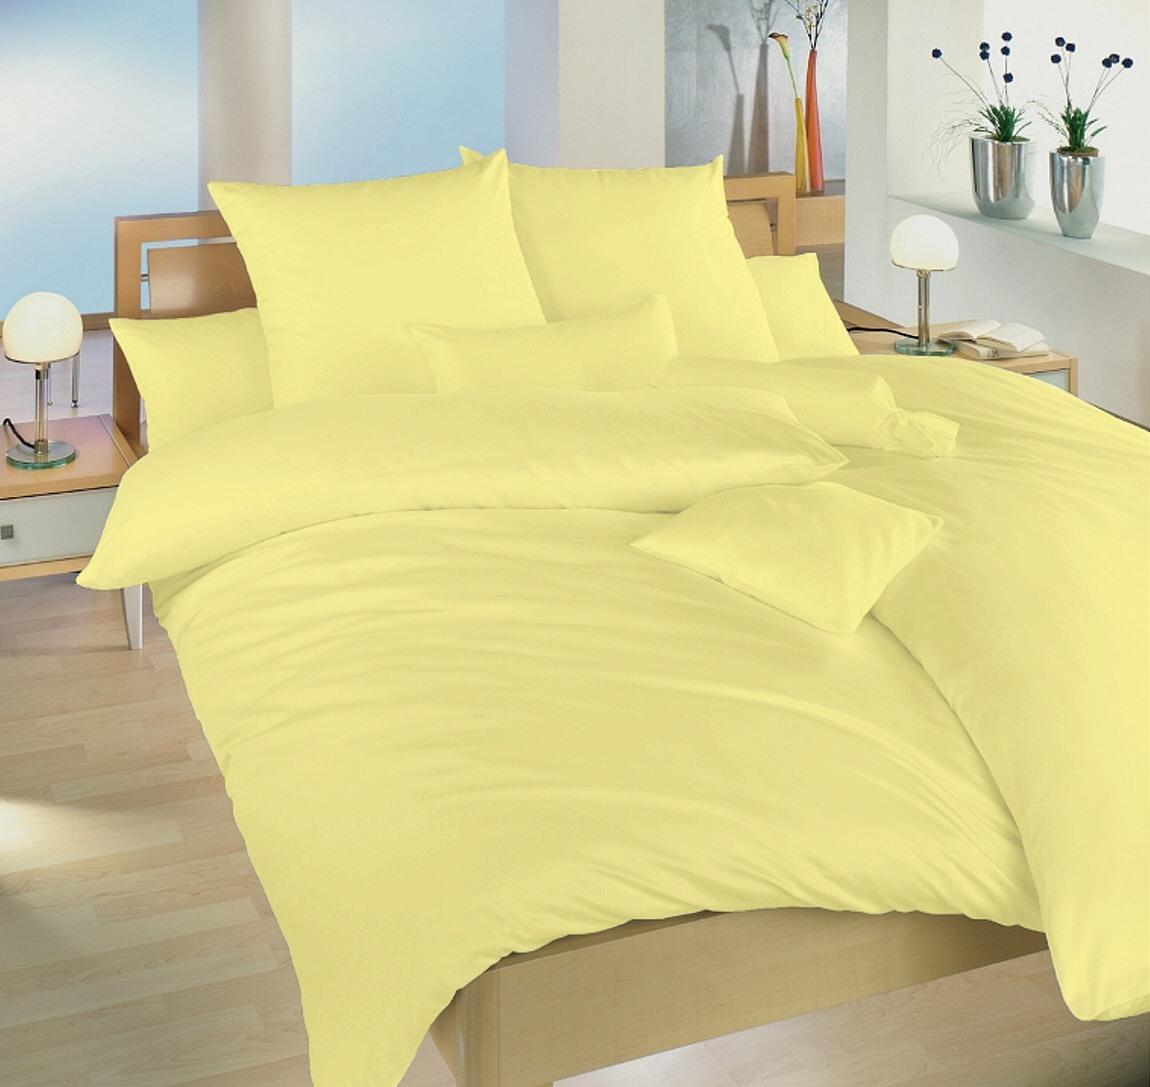 Povlečení krep žlutá UNI 240x200, 2x 70x90